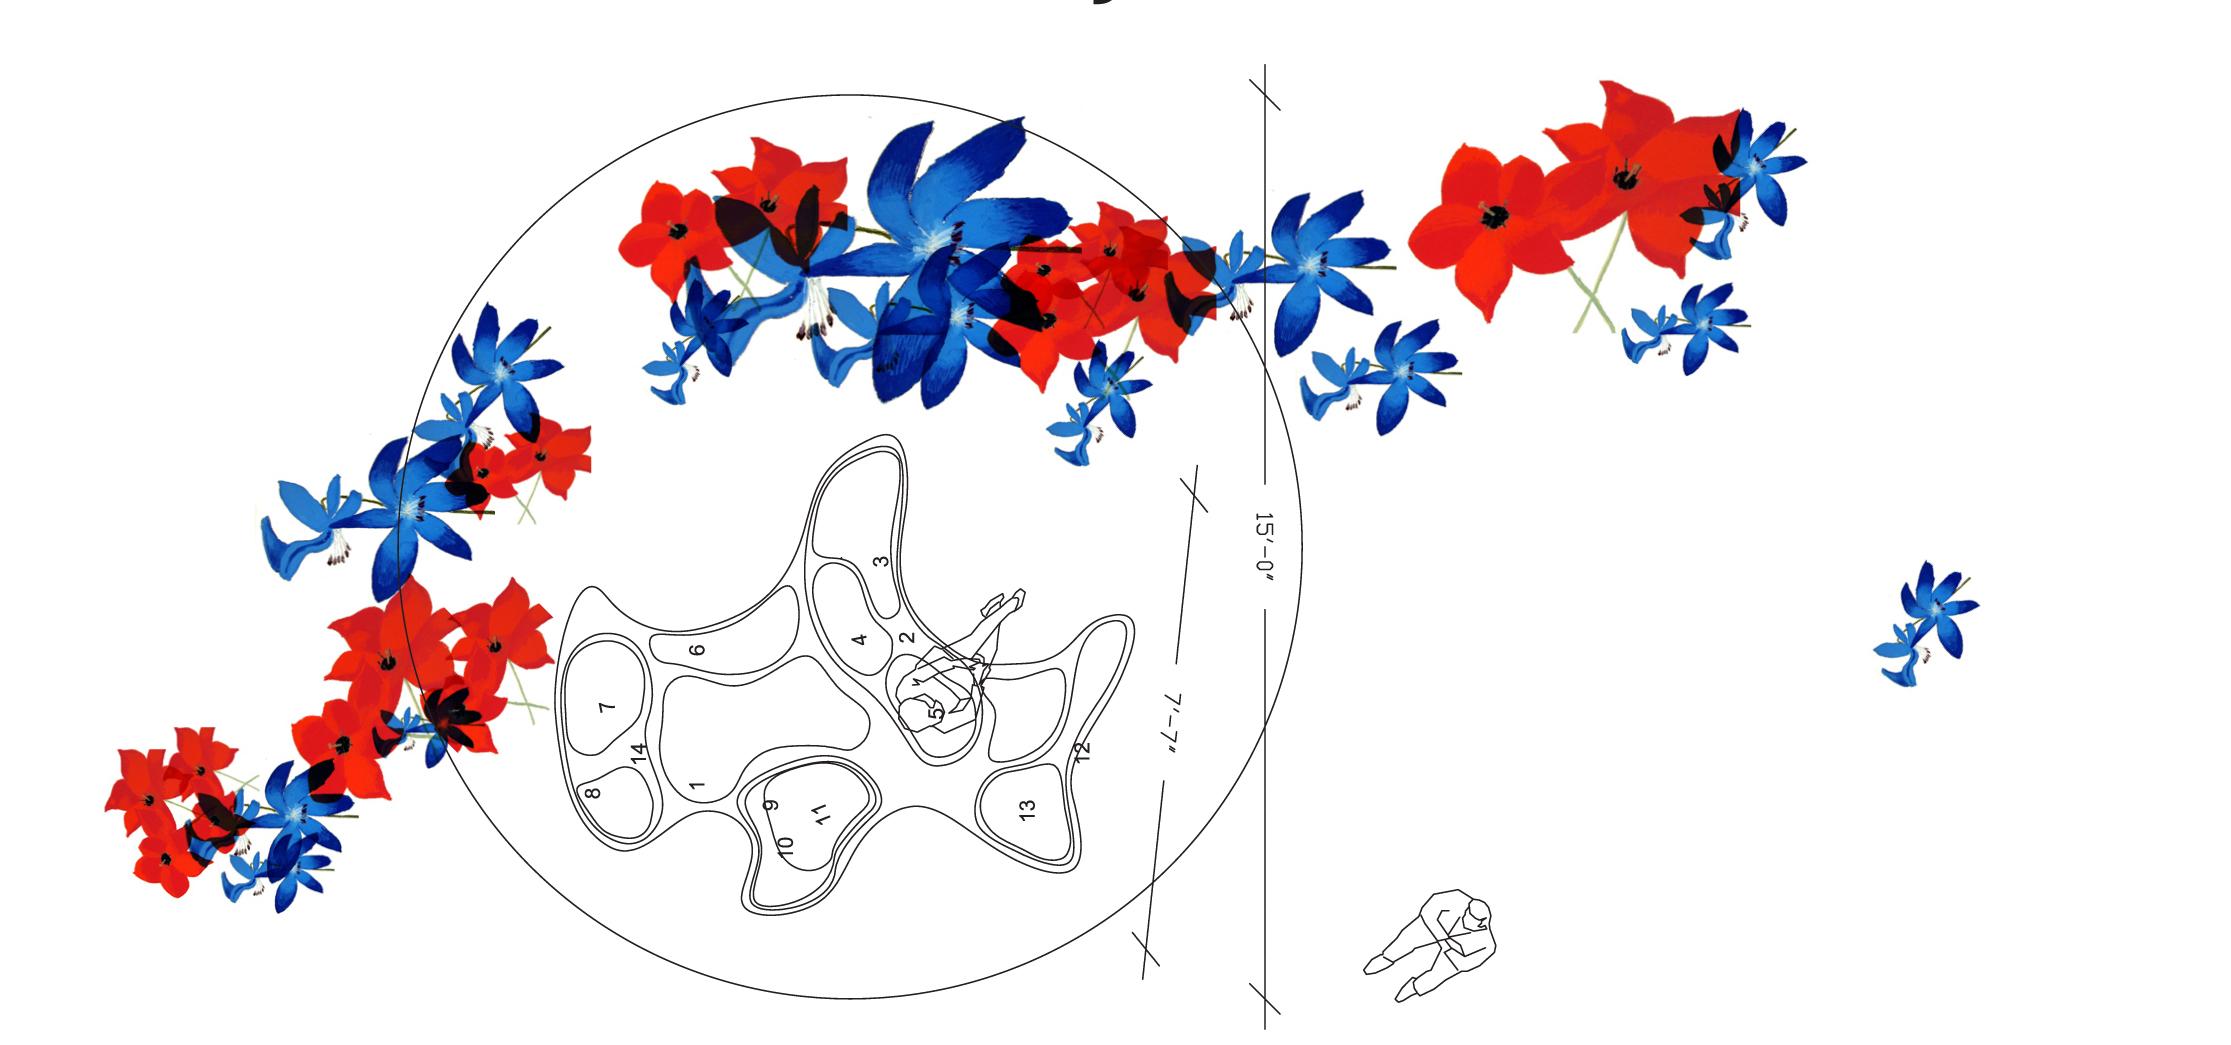 BA_NOOKS Dome Colony X_1.jpg